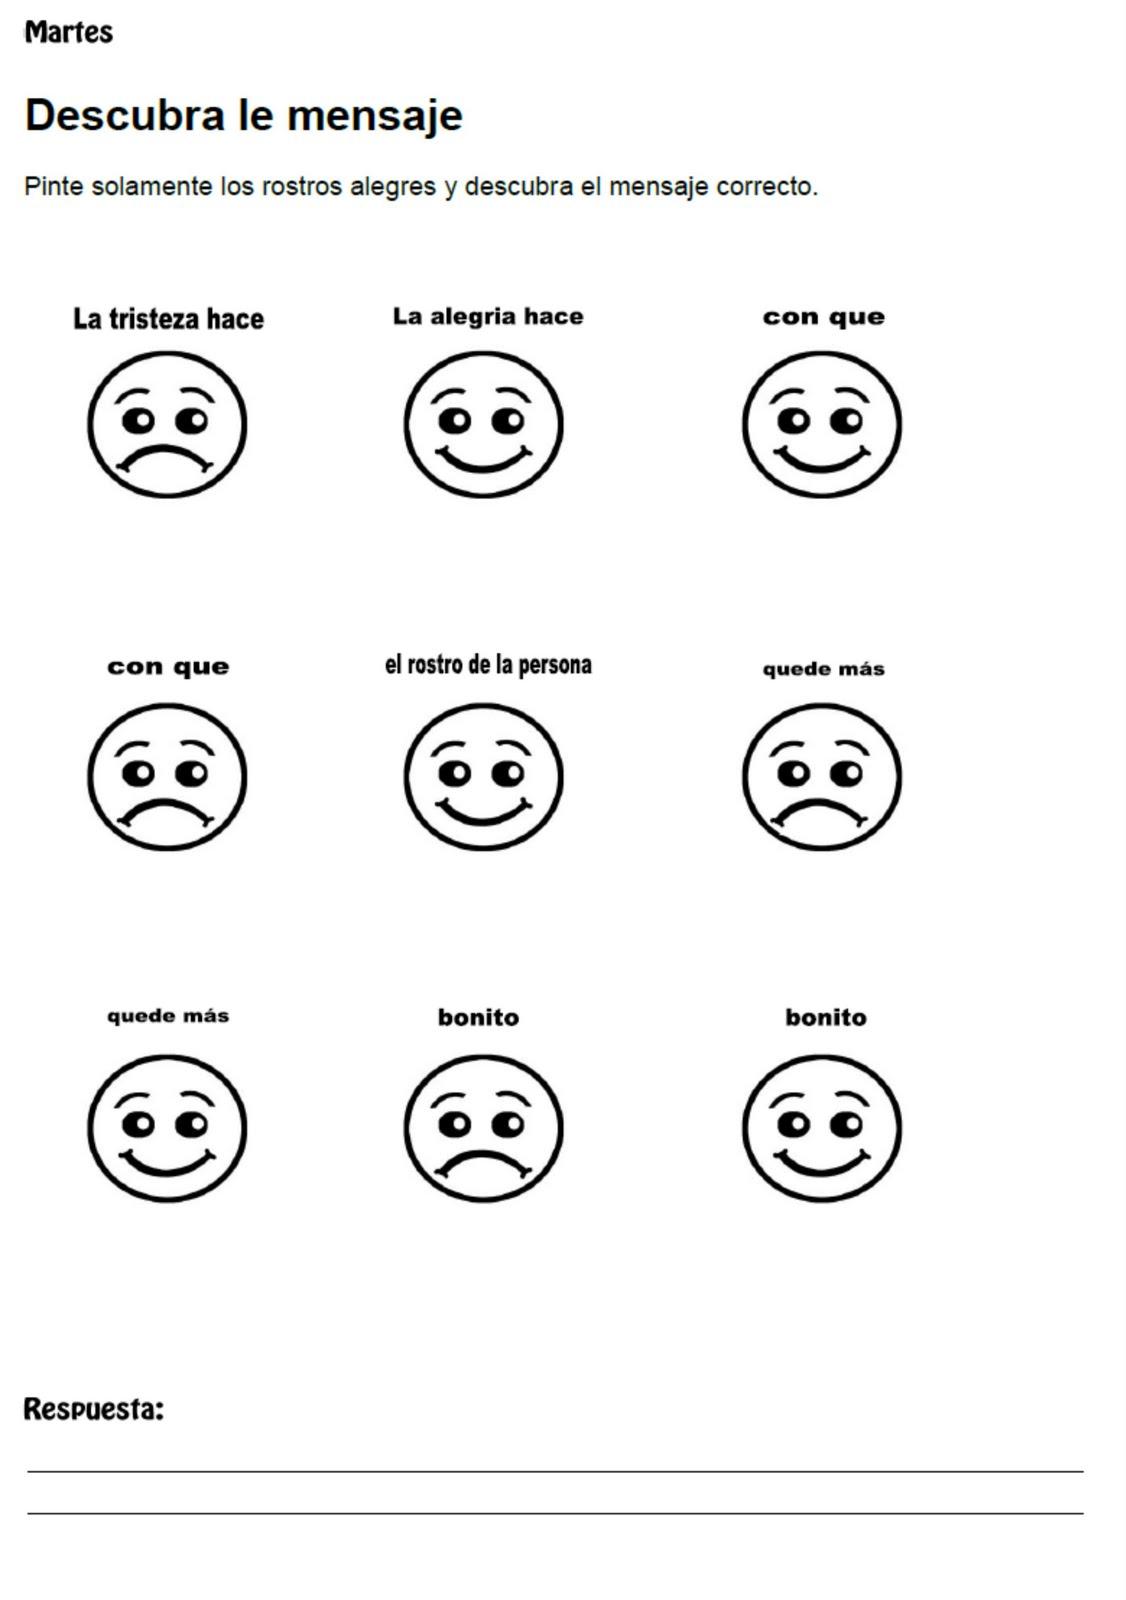 Dibujos de caritas felices y tristes para colorear - Imagui